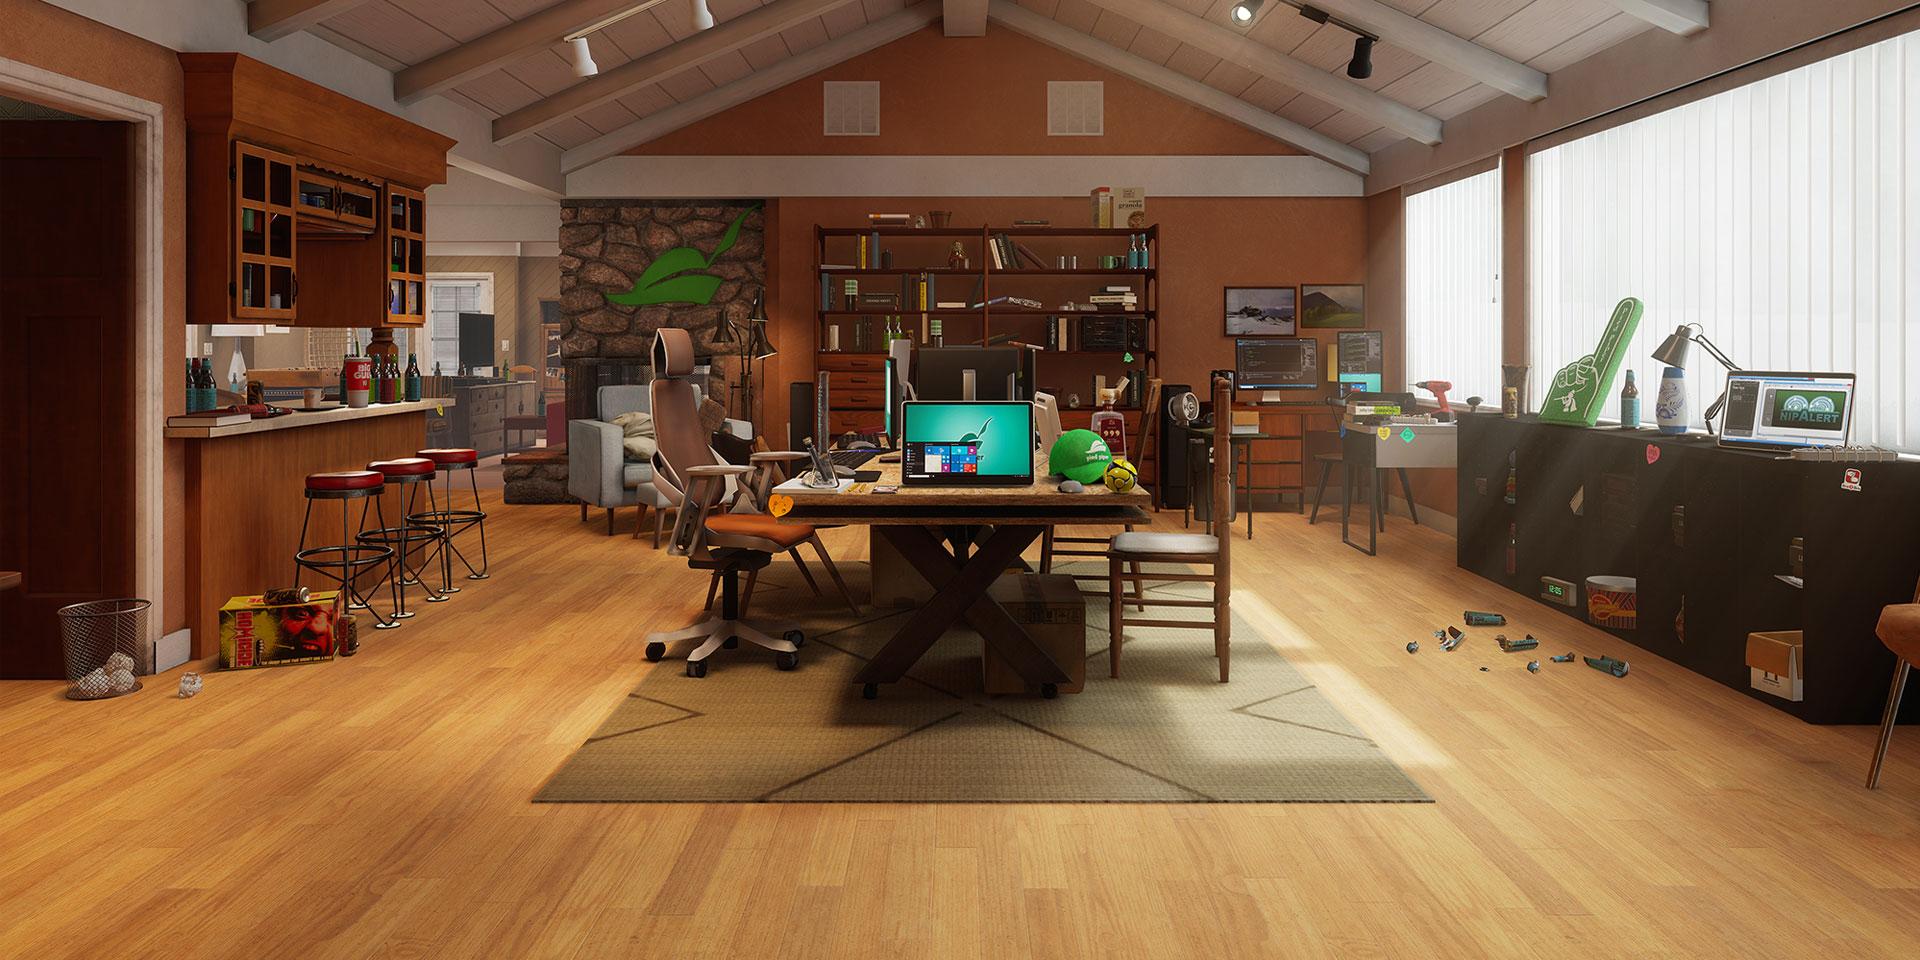 ドラマ『シリコンバレー』の世界を VR で忠実に再現した Silicon Valley: Inside the Hacker Hostel